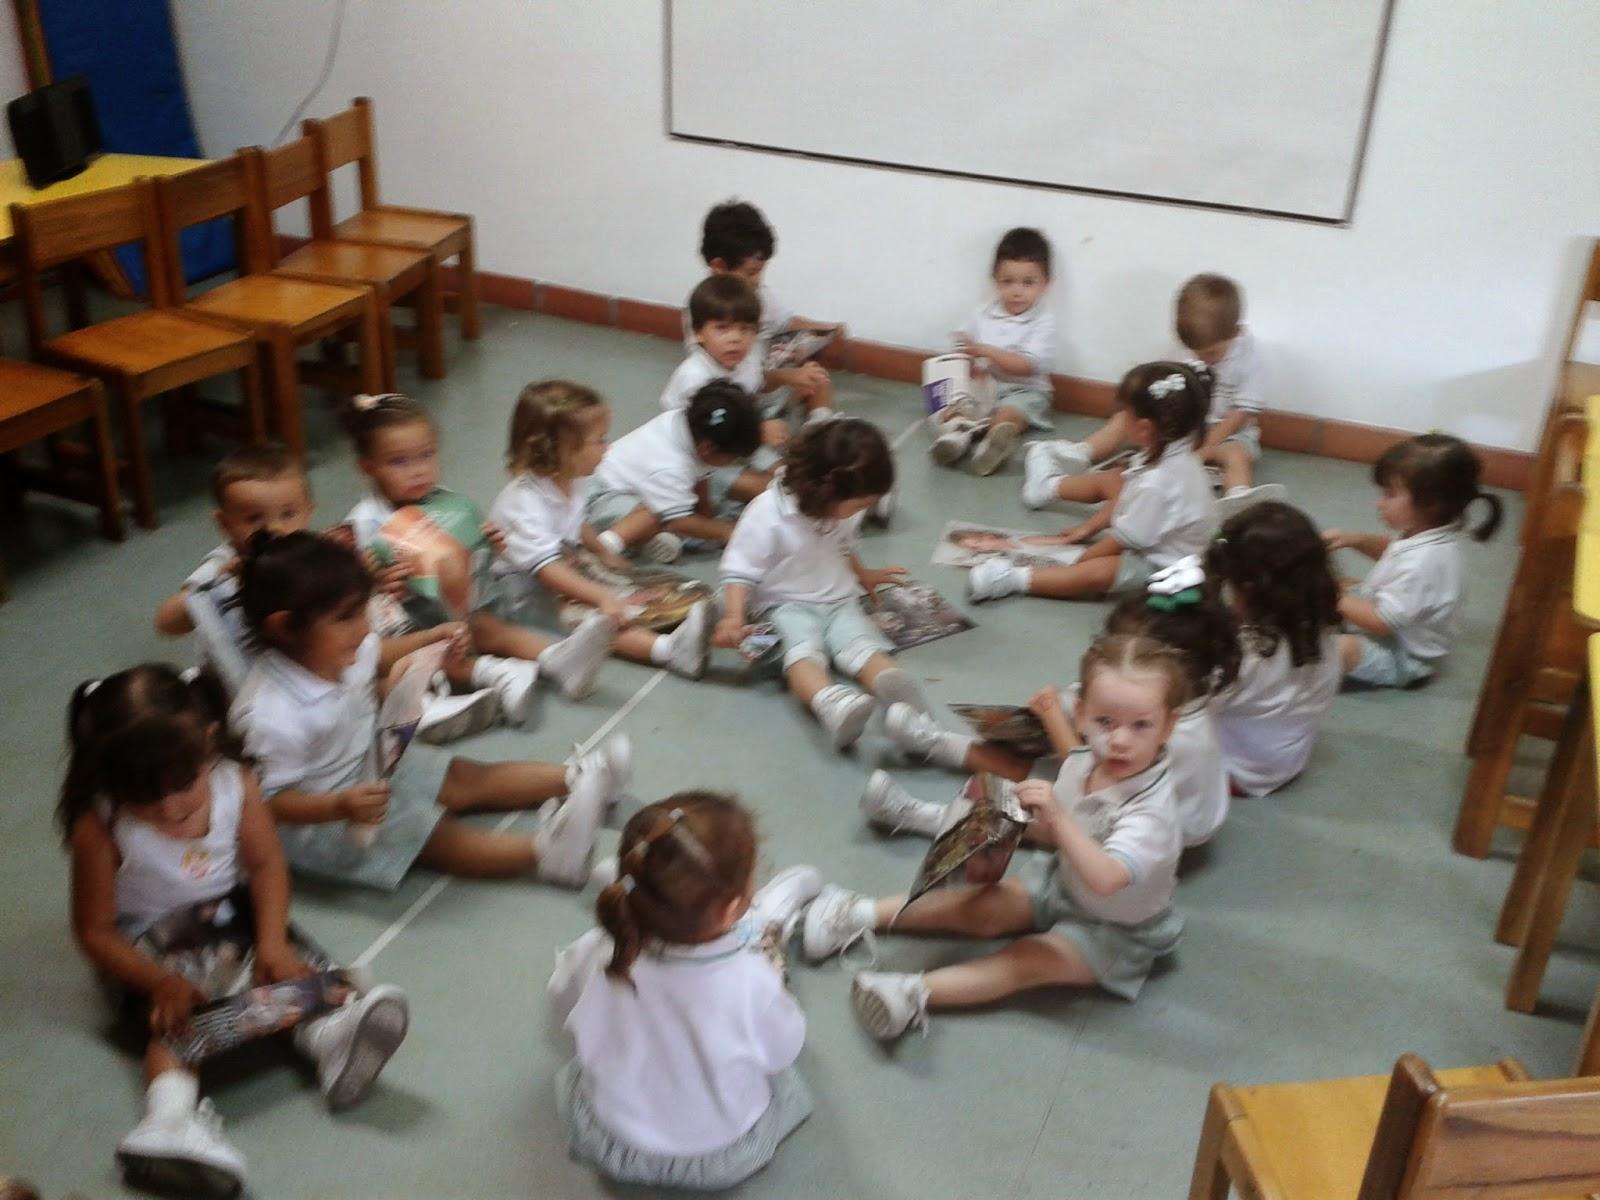 Aqu entre ni os jard n infantil actividades p rvulos febrero for Mobiliario para parvulos